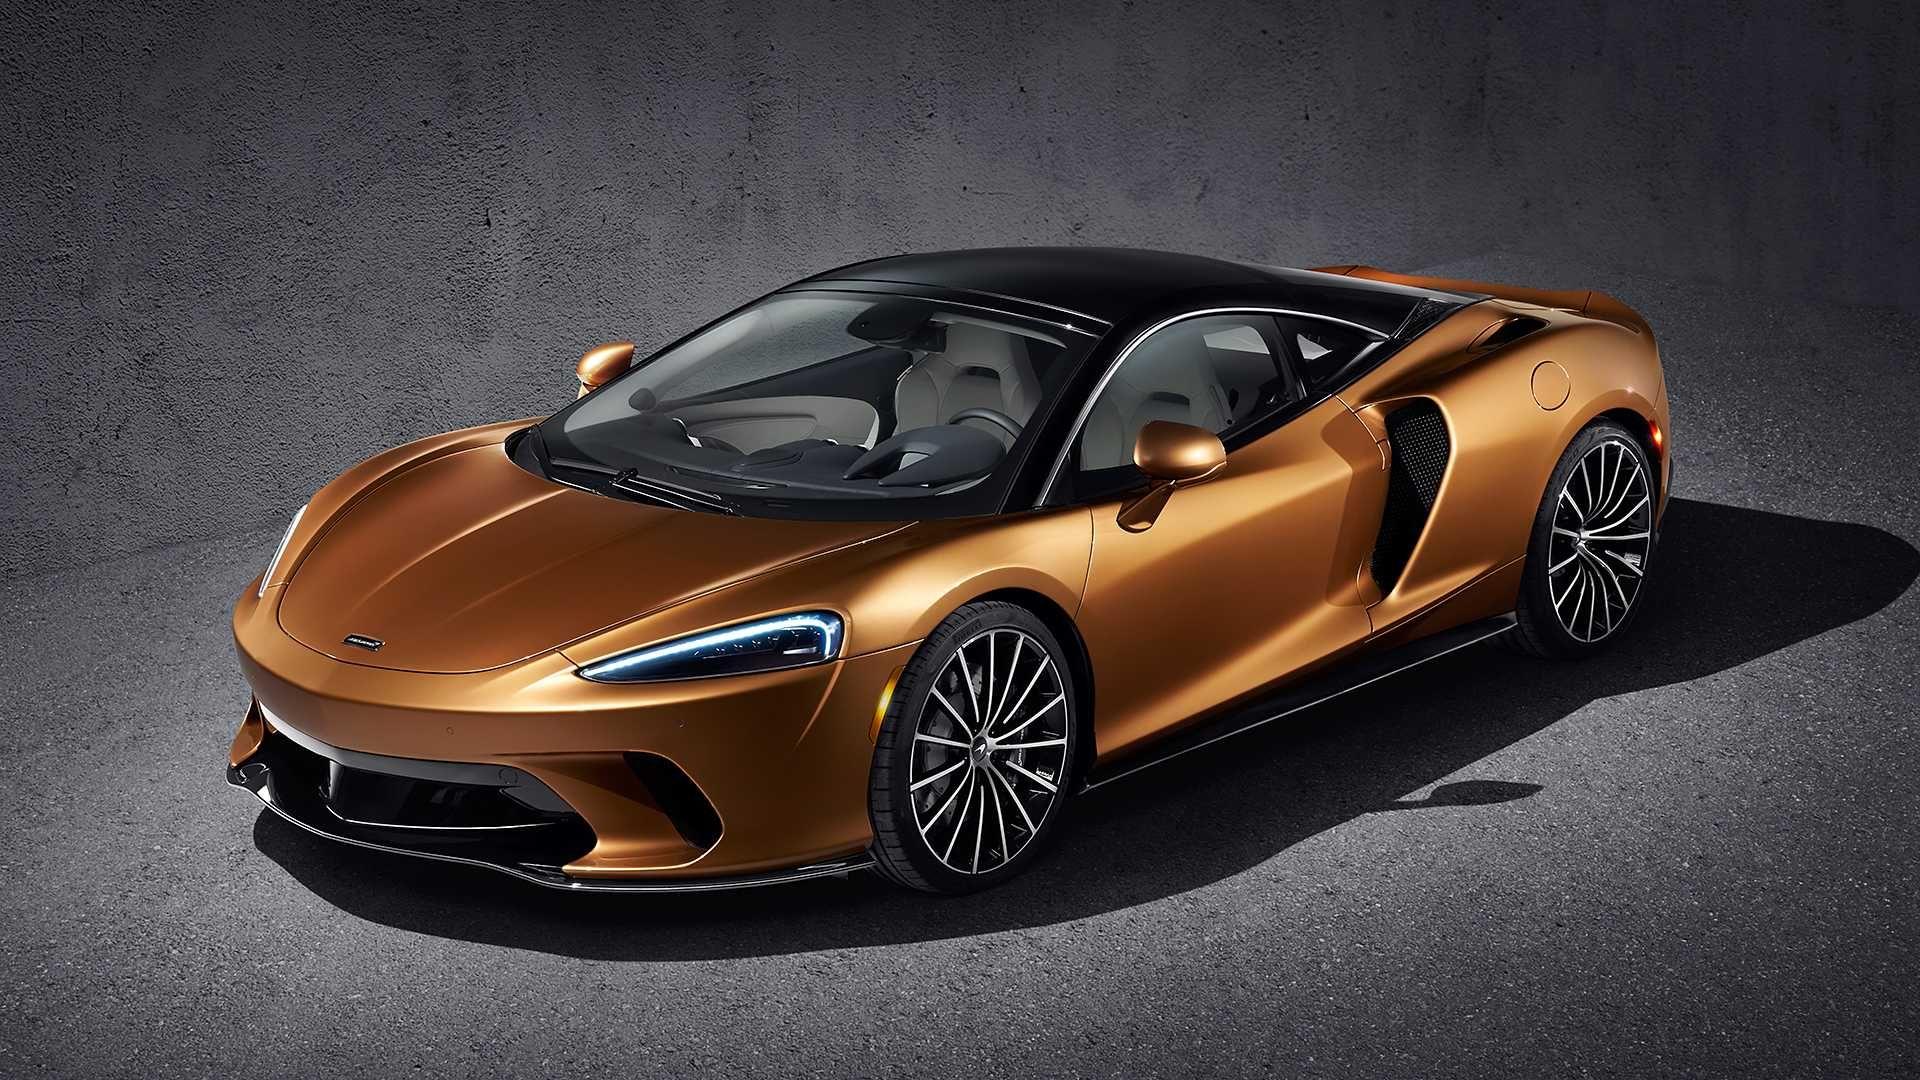 Mclaren Gt Do Yin Super Araba Otomobil Spor Arabalar